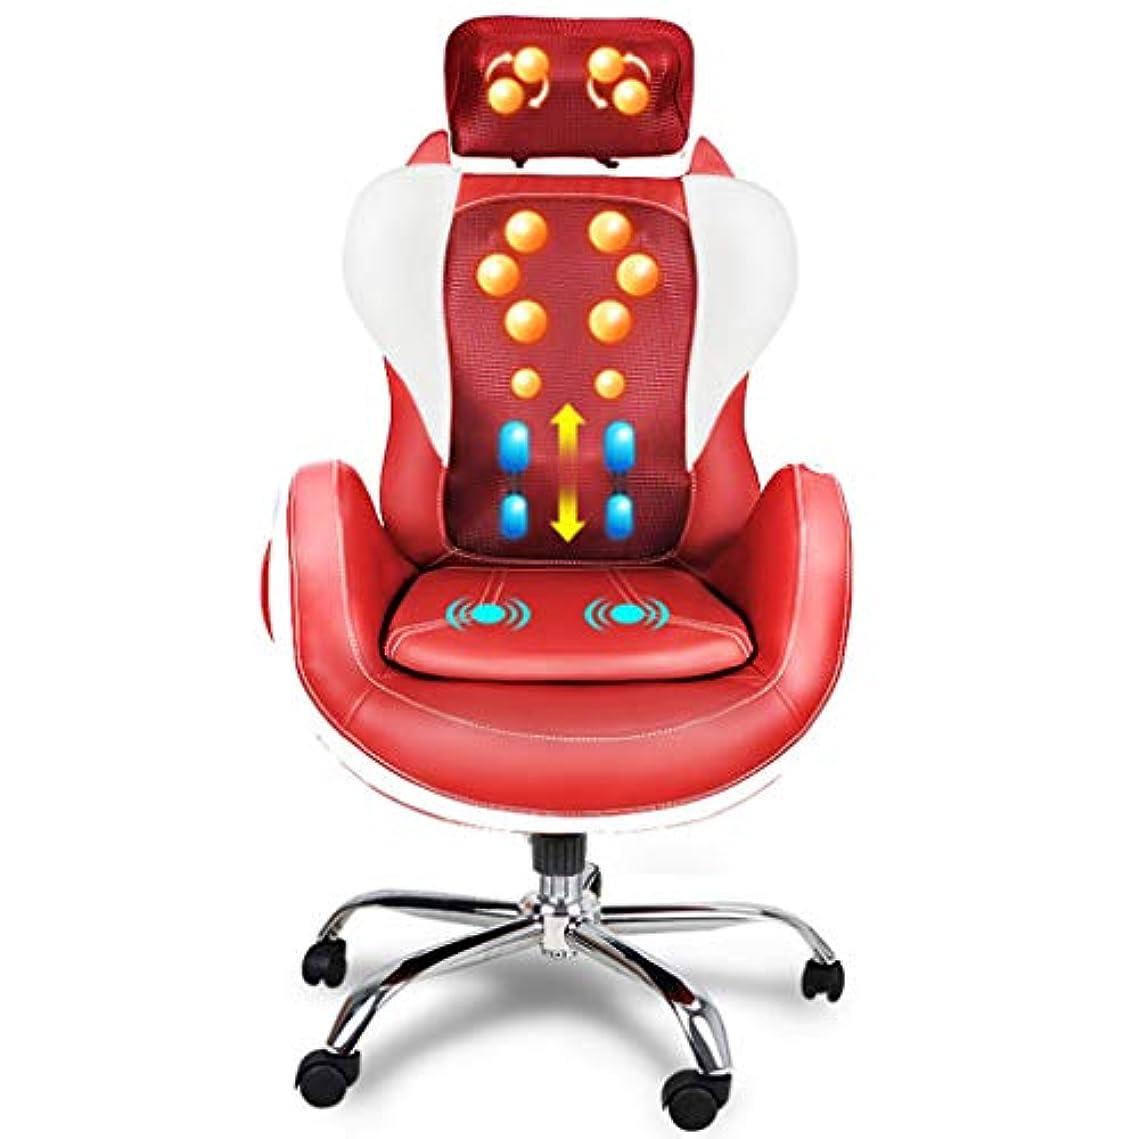 いらいらさせる冷蔵する辞任するフル 体 ケア 贅沢な 熱 オフィス Eletric マッサージ 椅子 体 マッサージ 椅子 コンピュータチェア 回転椅子 多機能 マッサージ器。 MAG.AL,Red